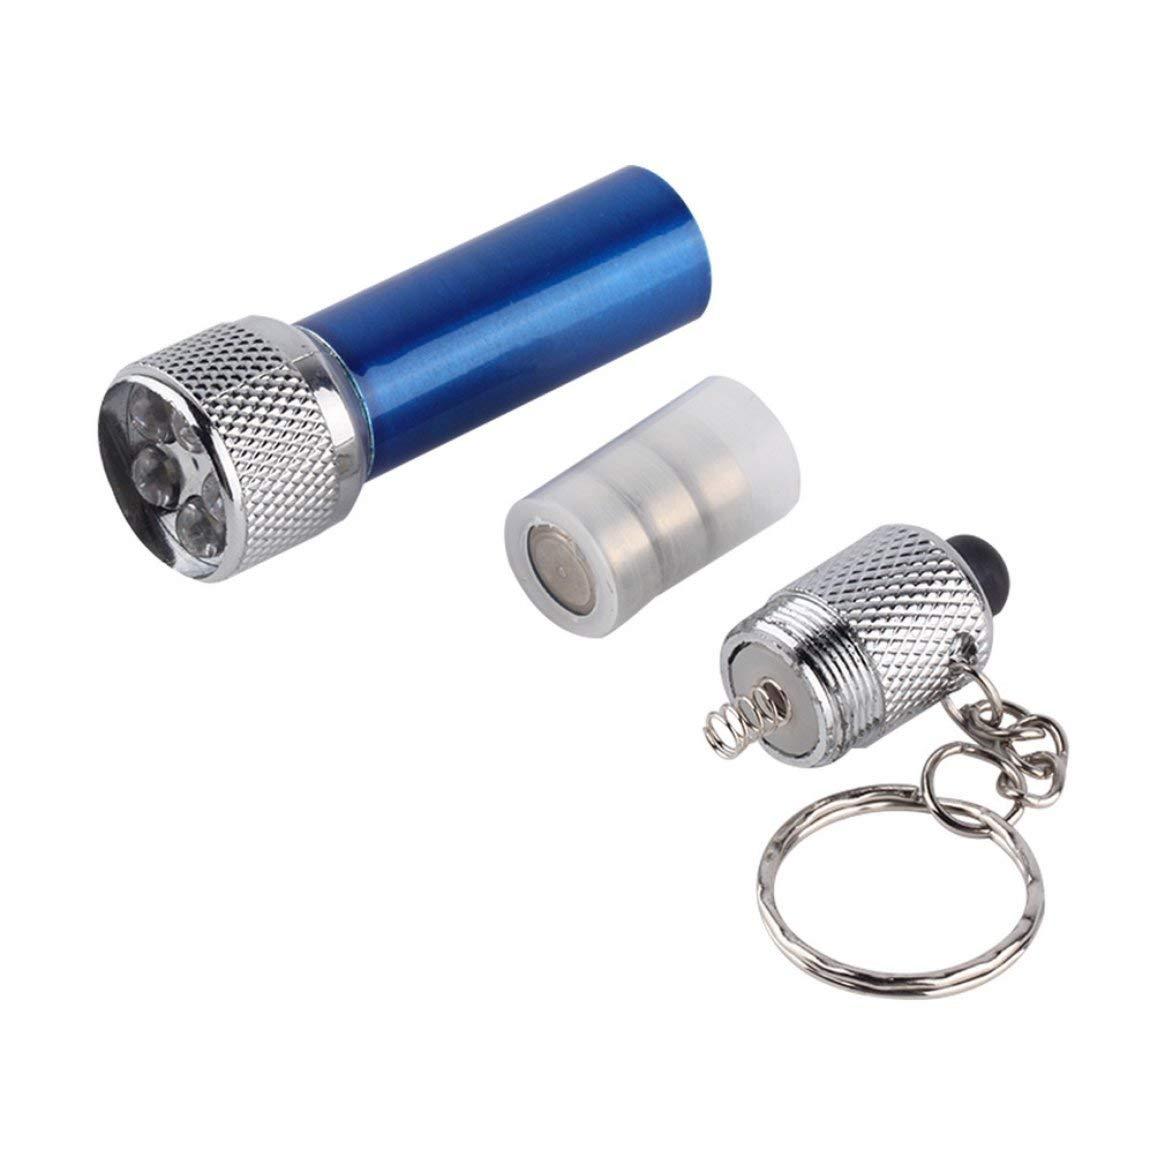 Tragbare LED Mini Taschenlampe Taschenlampe mit 5 x LED Aluminium Schlüsselanhänger Taschenlampe Delicacydex